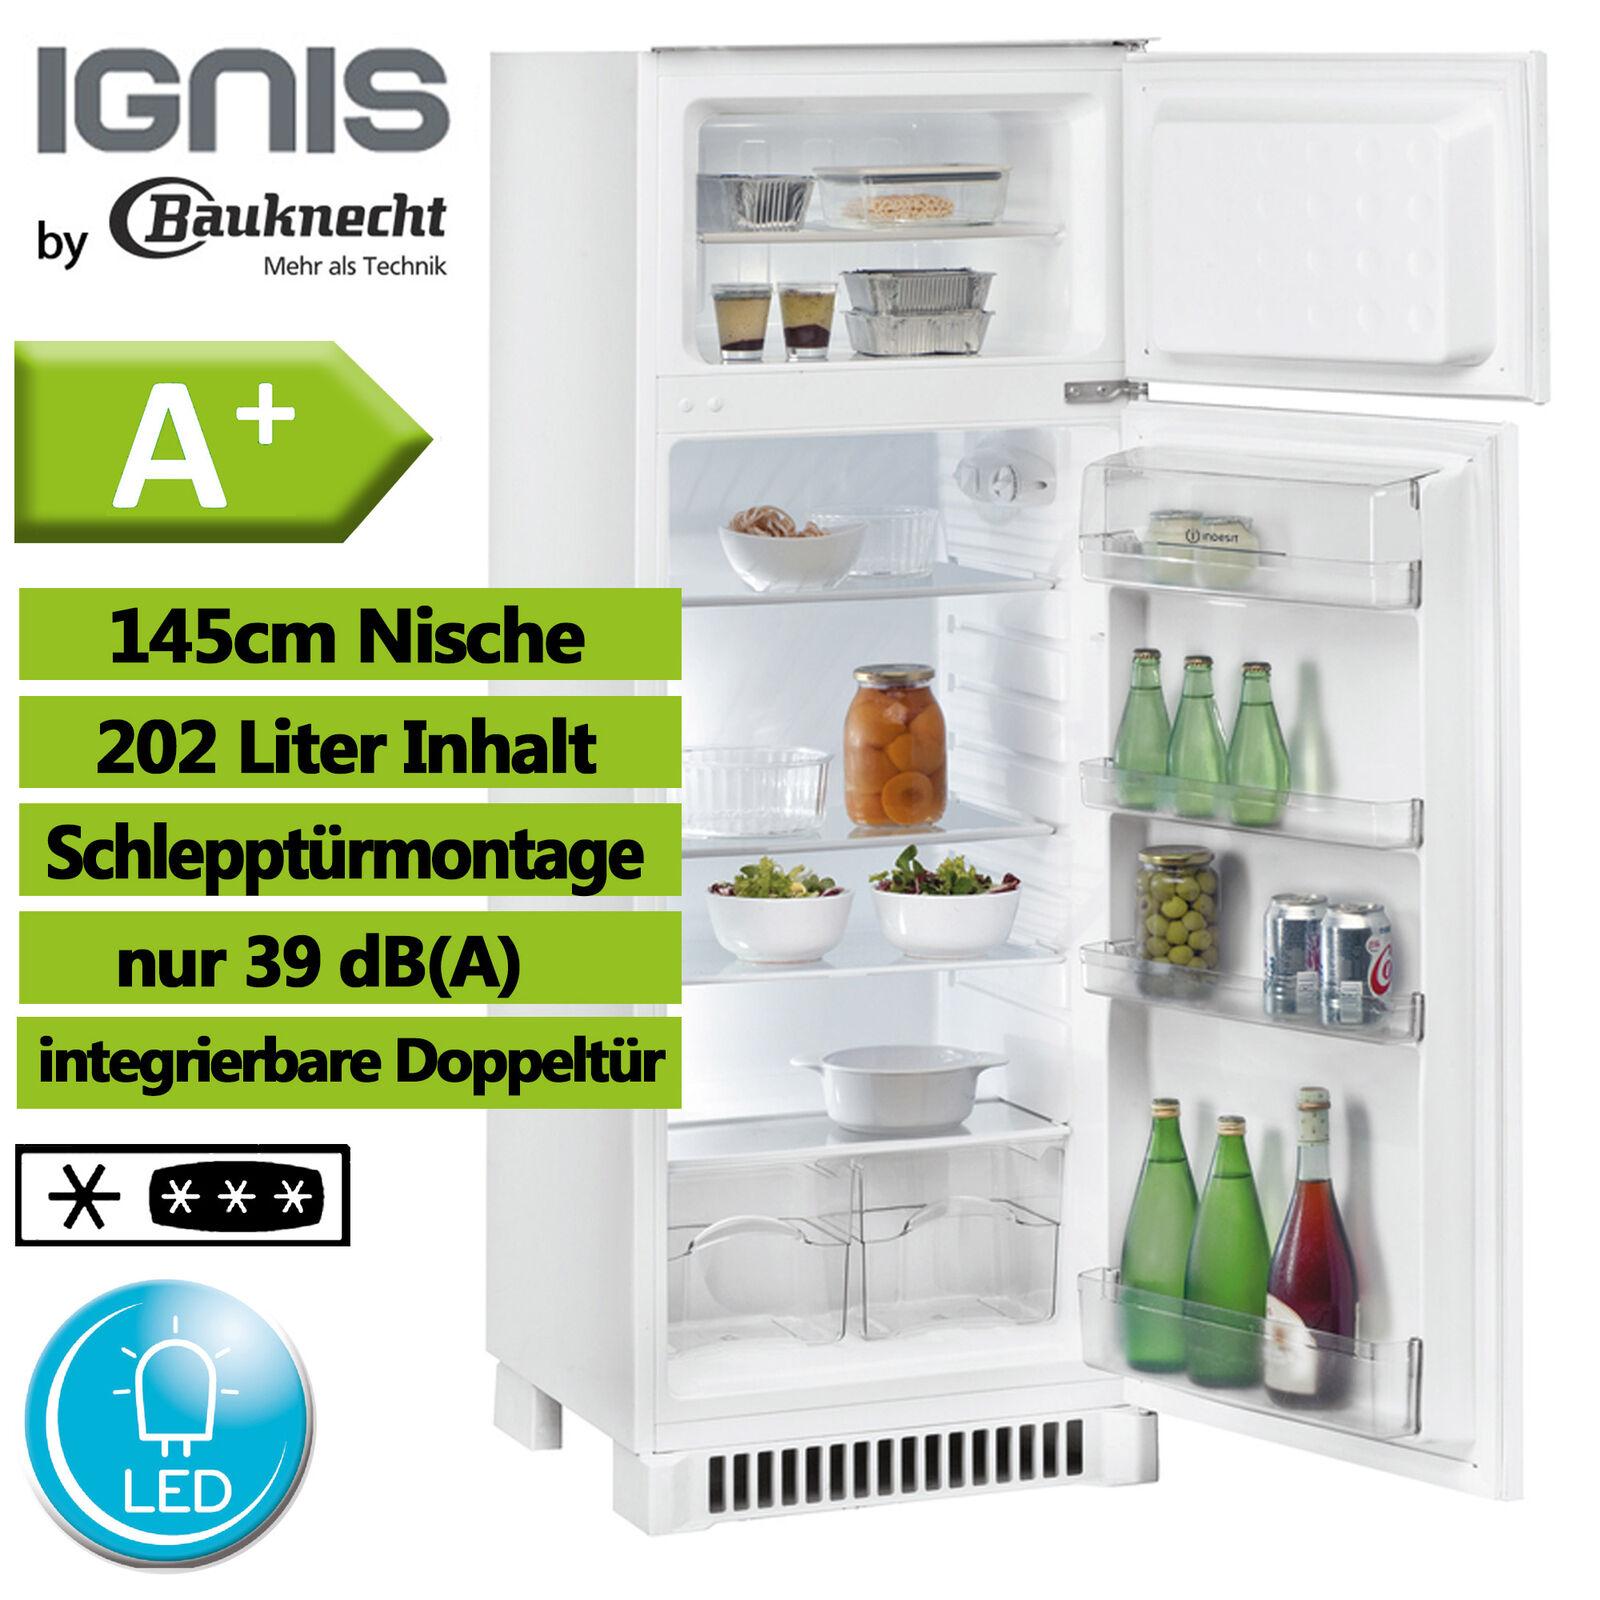 Einbau Kühl Gefrierkombination A+ Kühlschrank 145cm by Bauknecht integrierbar